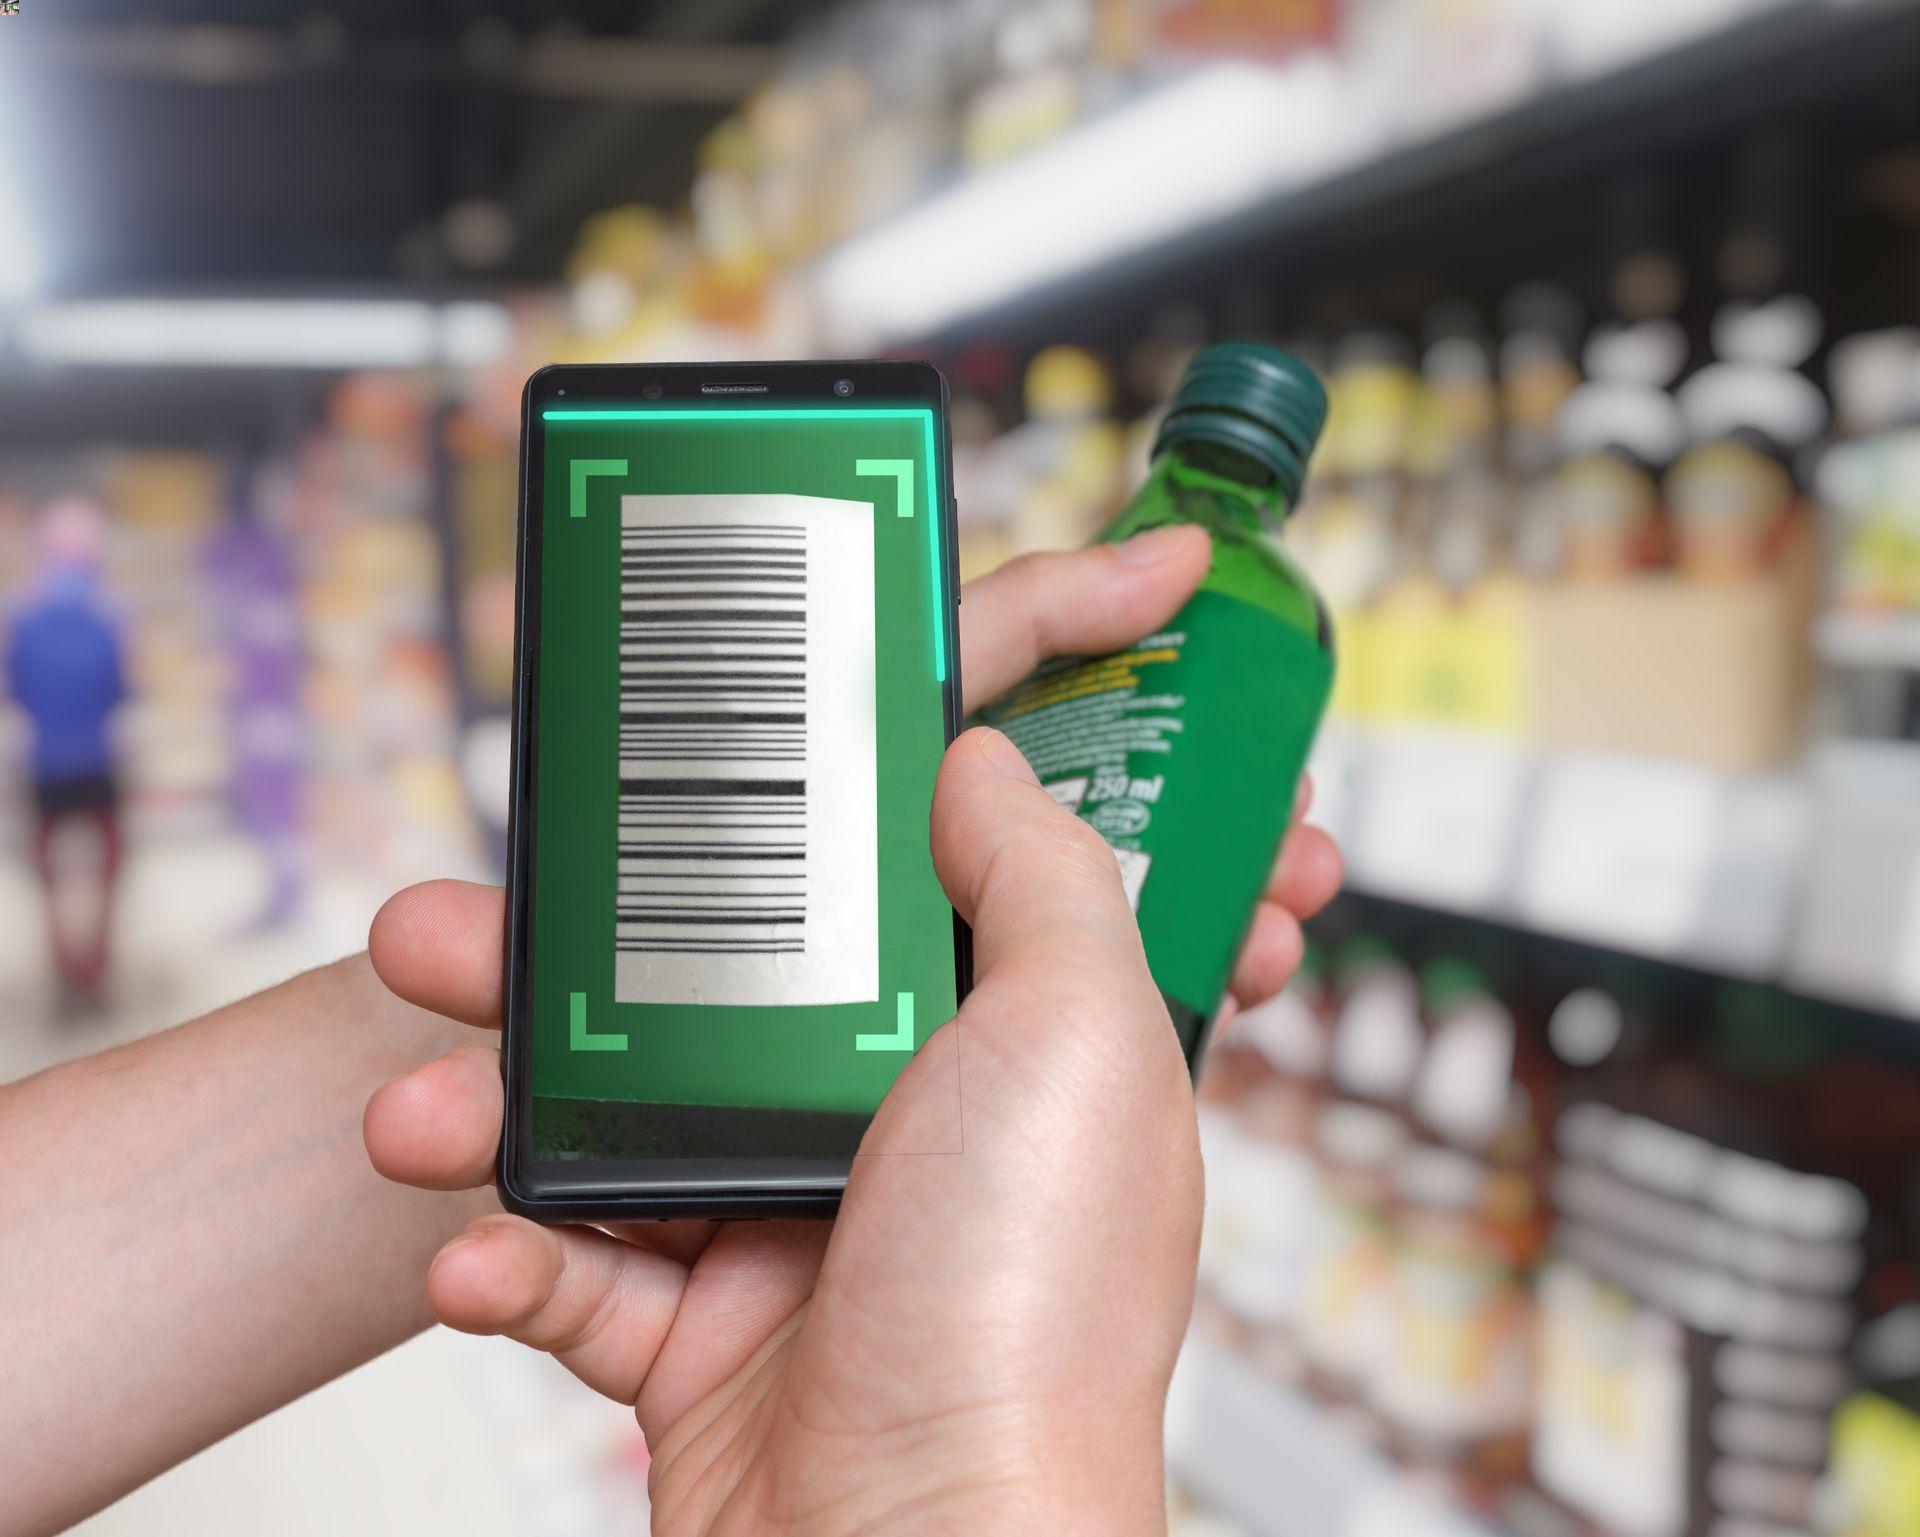 Scan par Smartphone d'un code barre de produit en rayon de supermarché